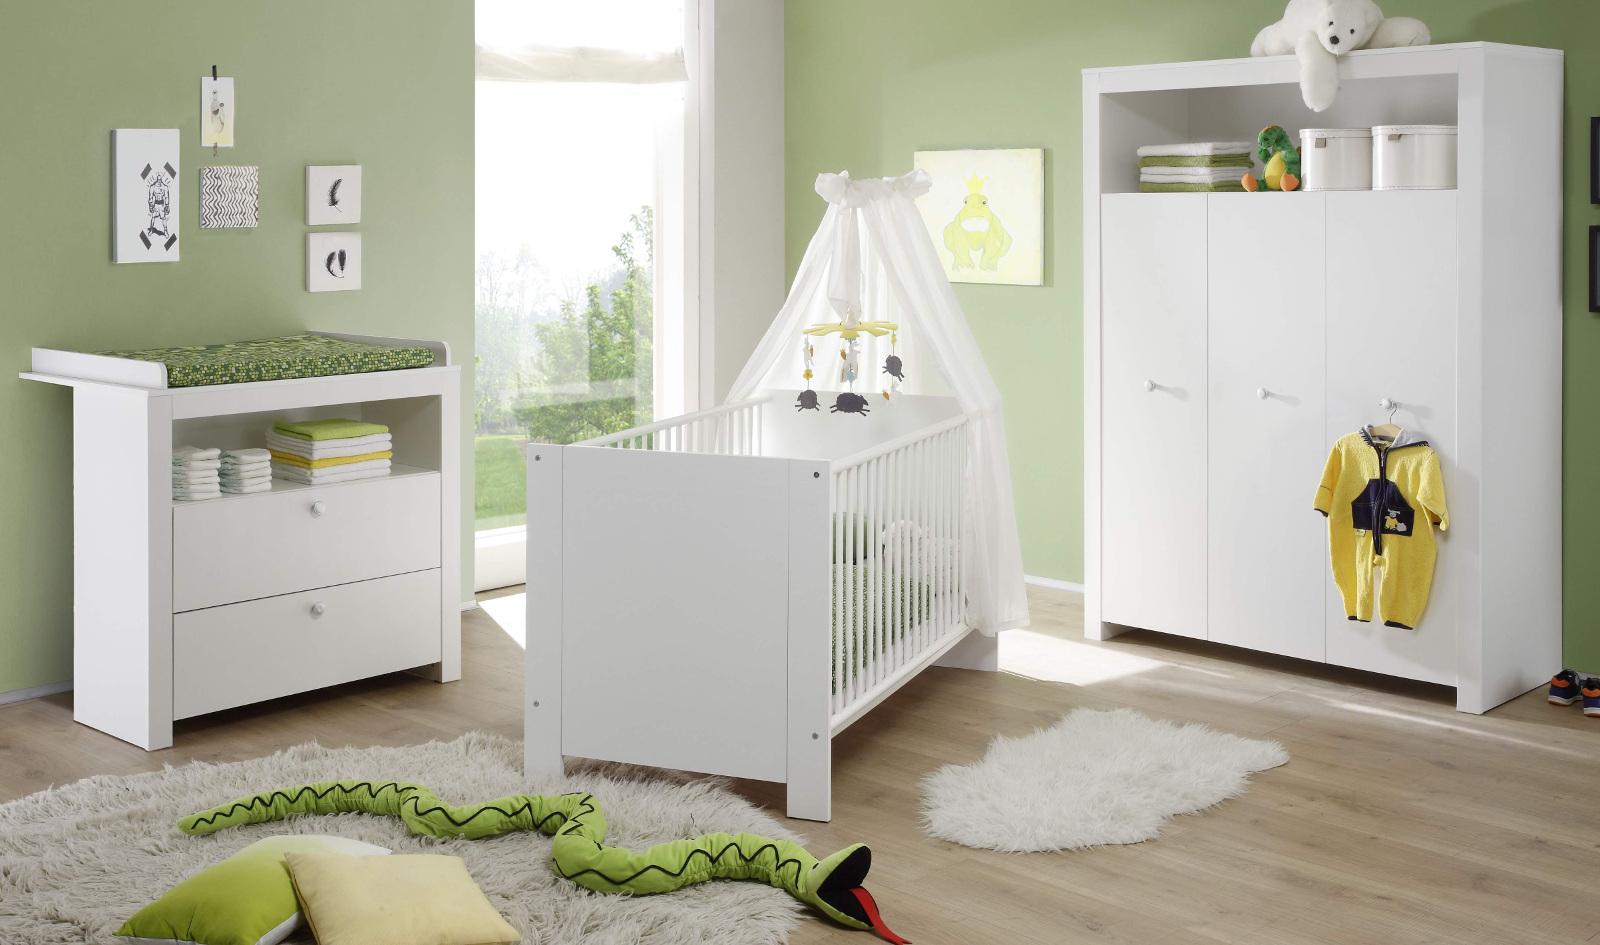 Babyzimmer set weiß  Babyzimmer Olivia komplett Set 3-teilig weiß